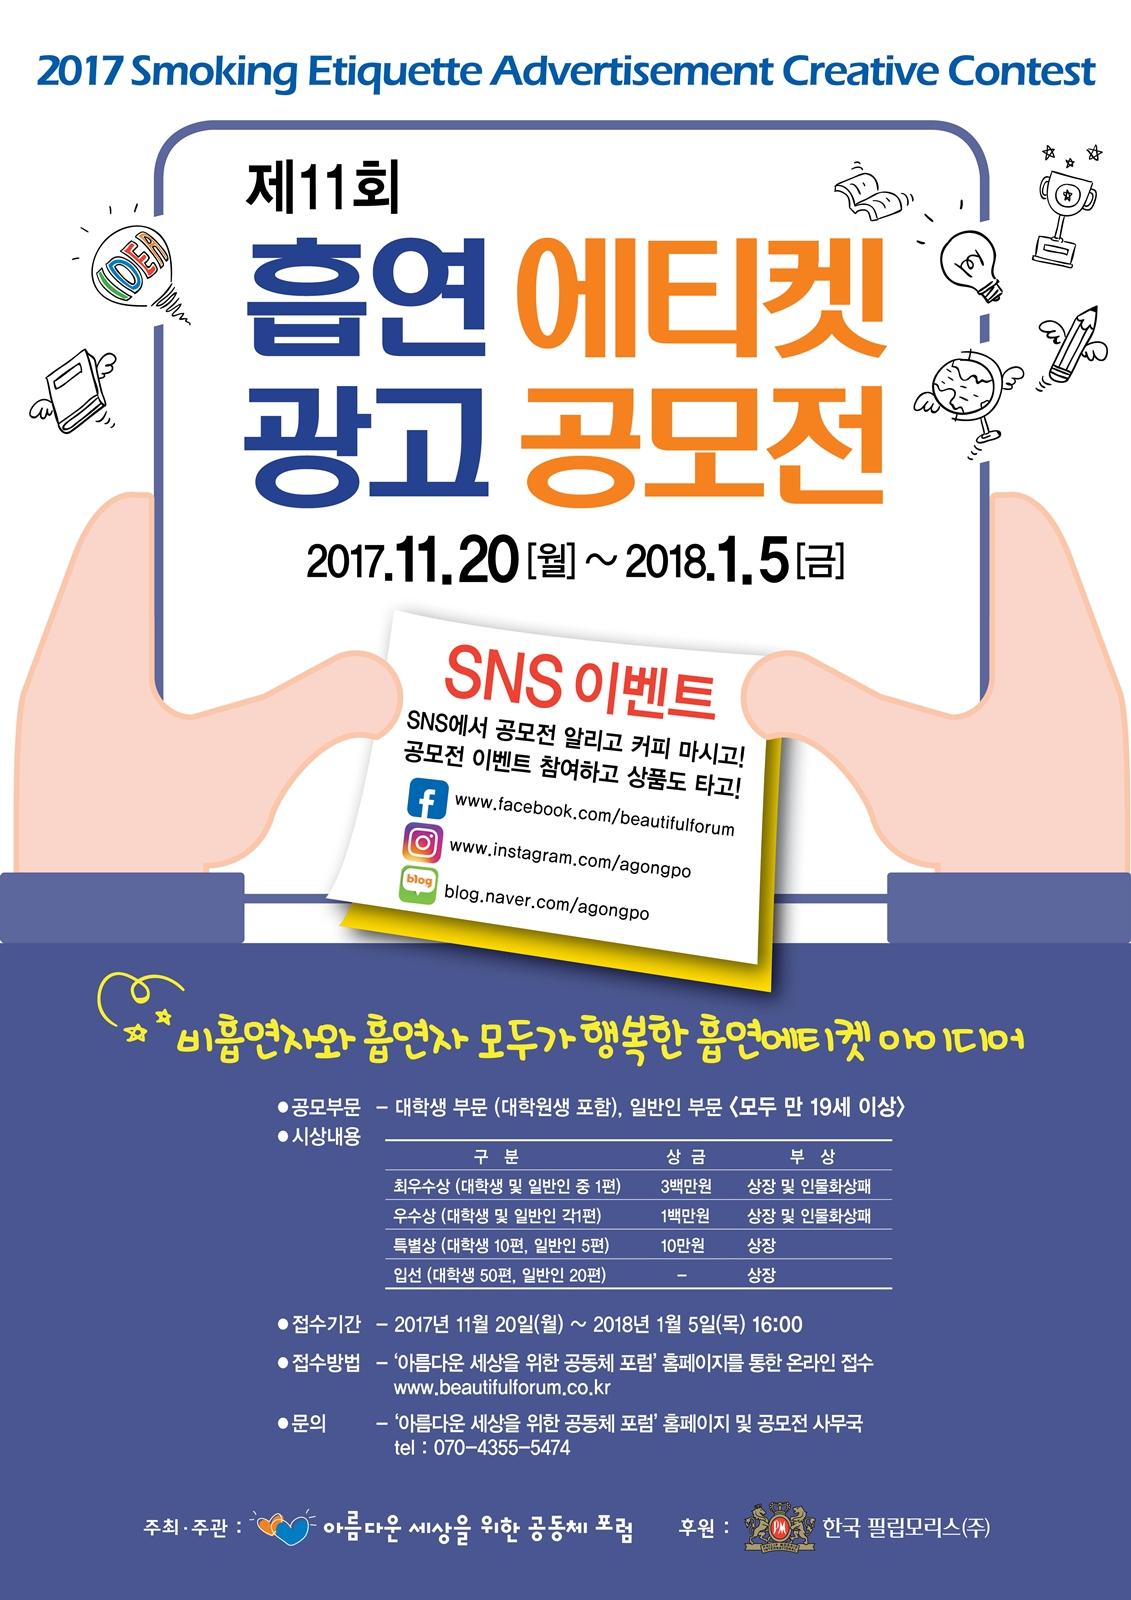 2017년 제11회 흡연에티켓 광고공모전